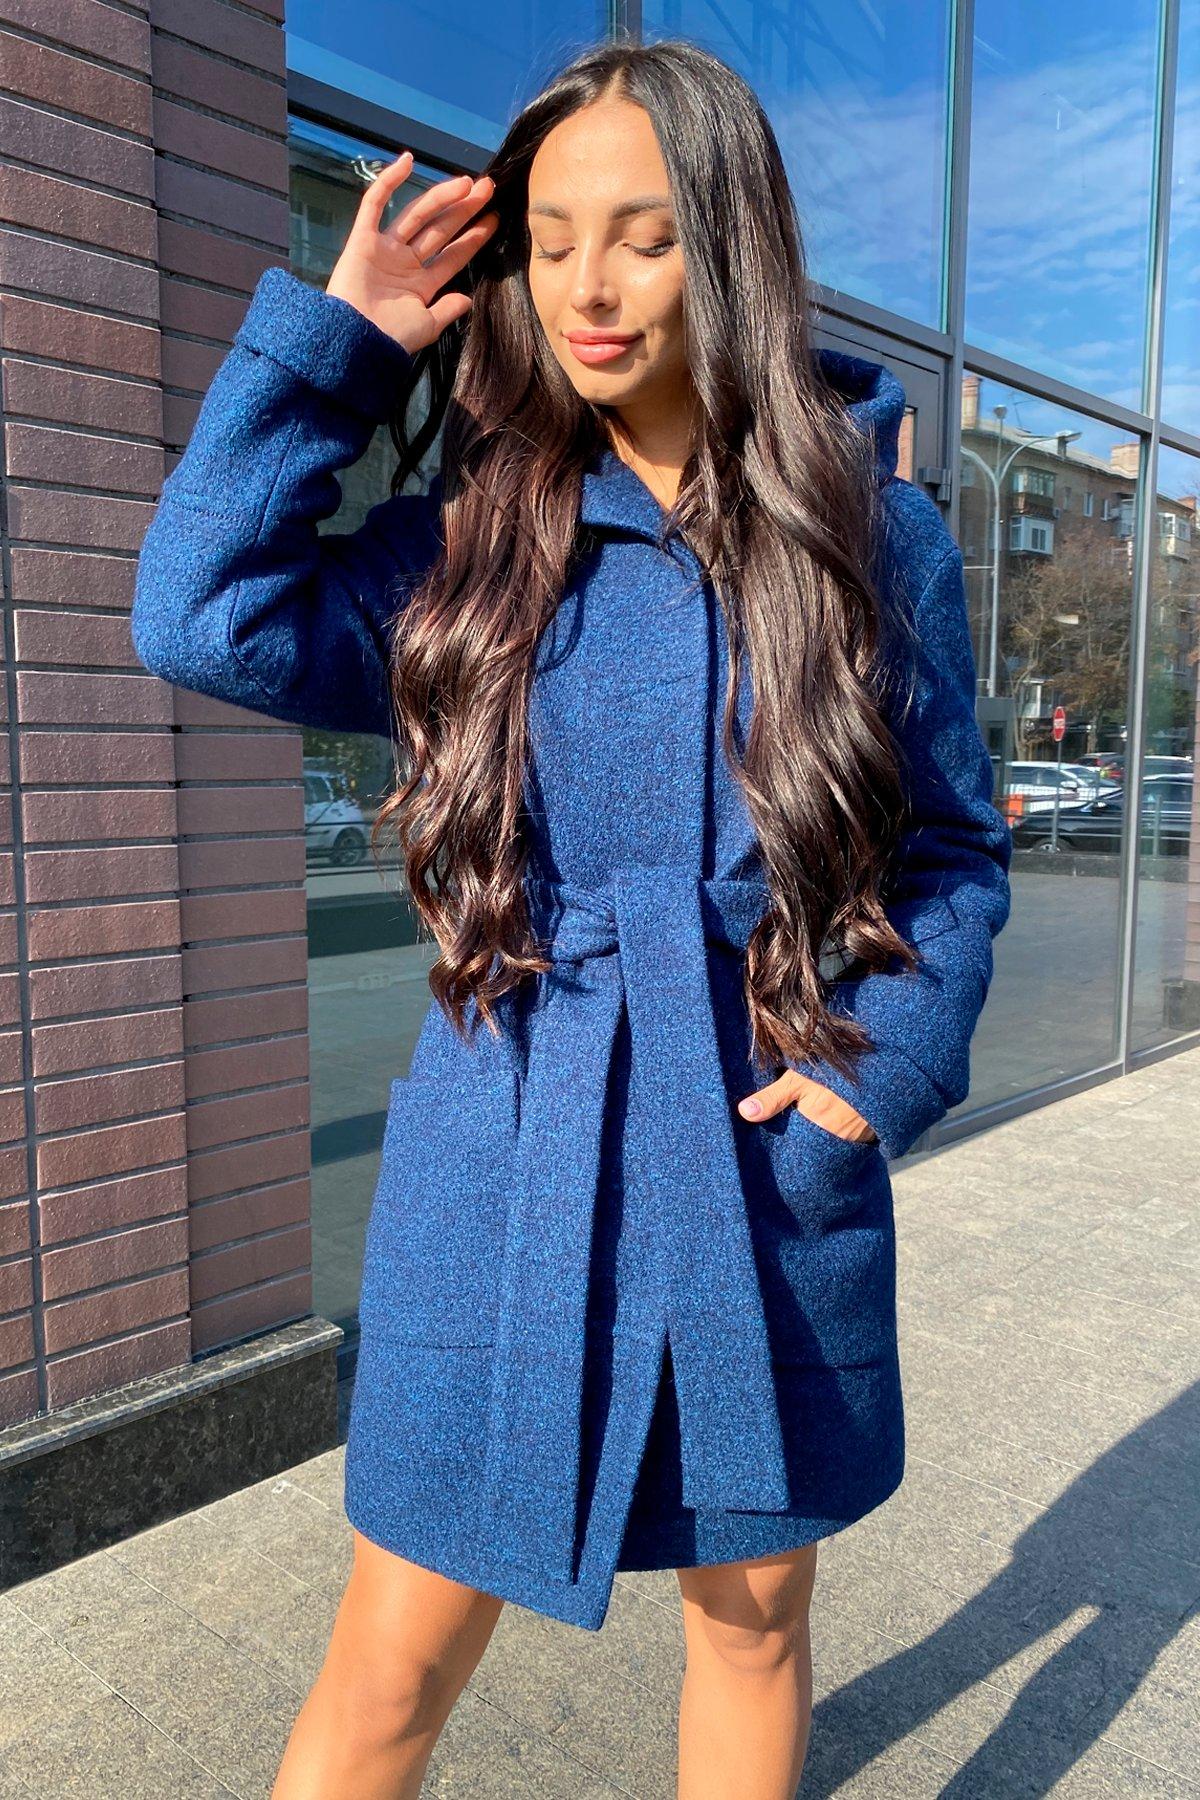 Анита шерсть варенка зима без меха пальто 9936 АРТ. 46222 Цвет: т.синий/электрик 27 - фото 6, интернет магазин tm-modus.ru